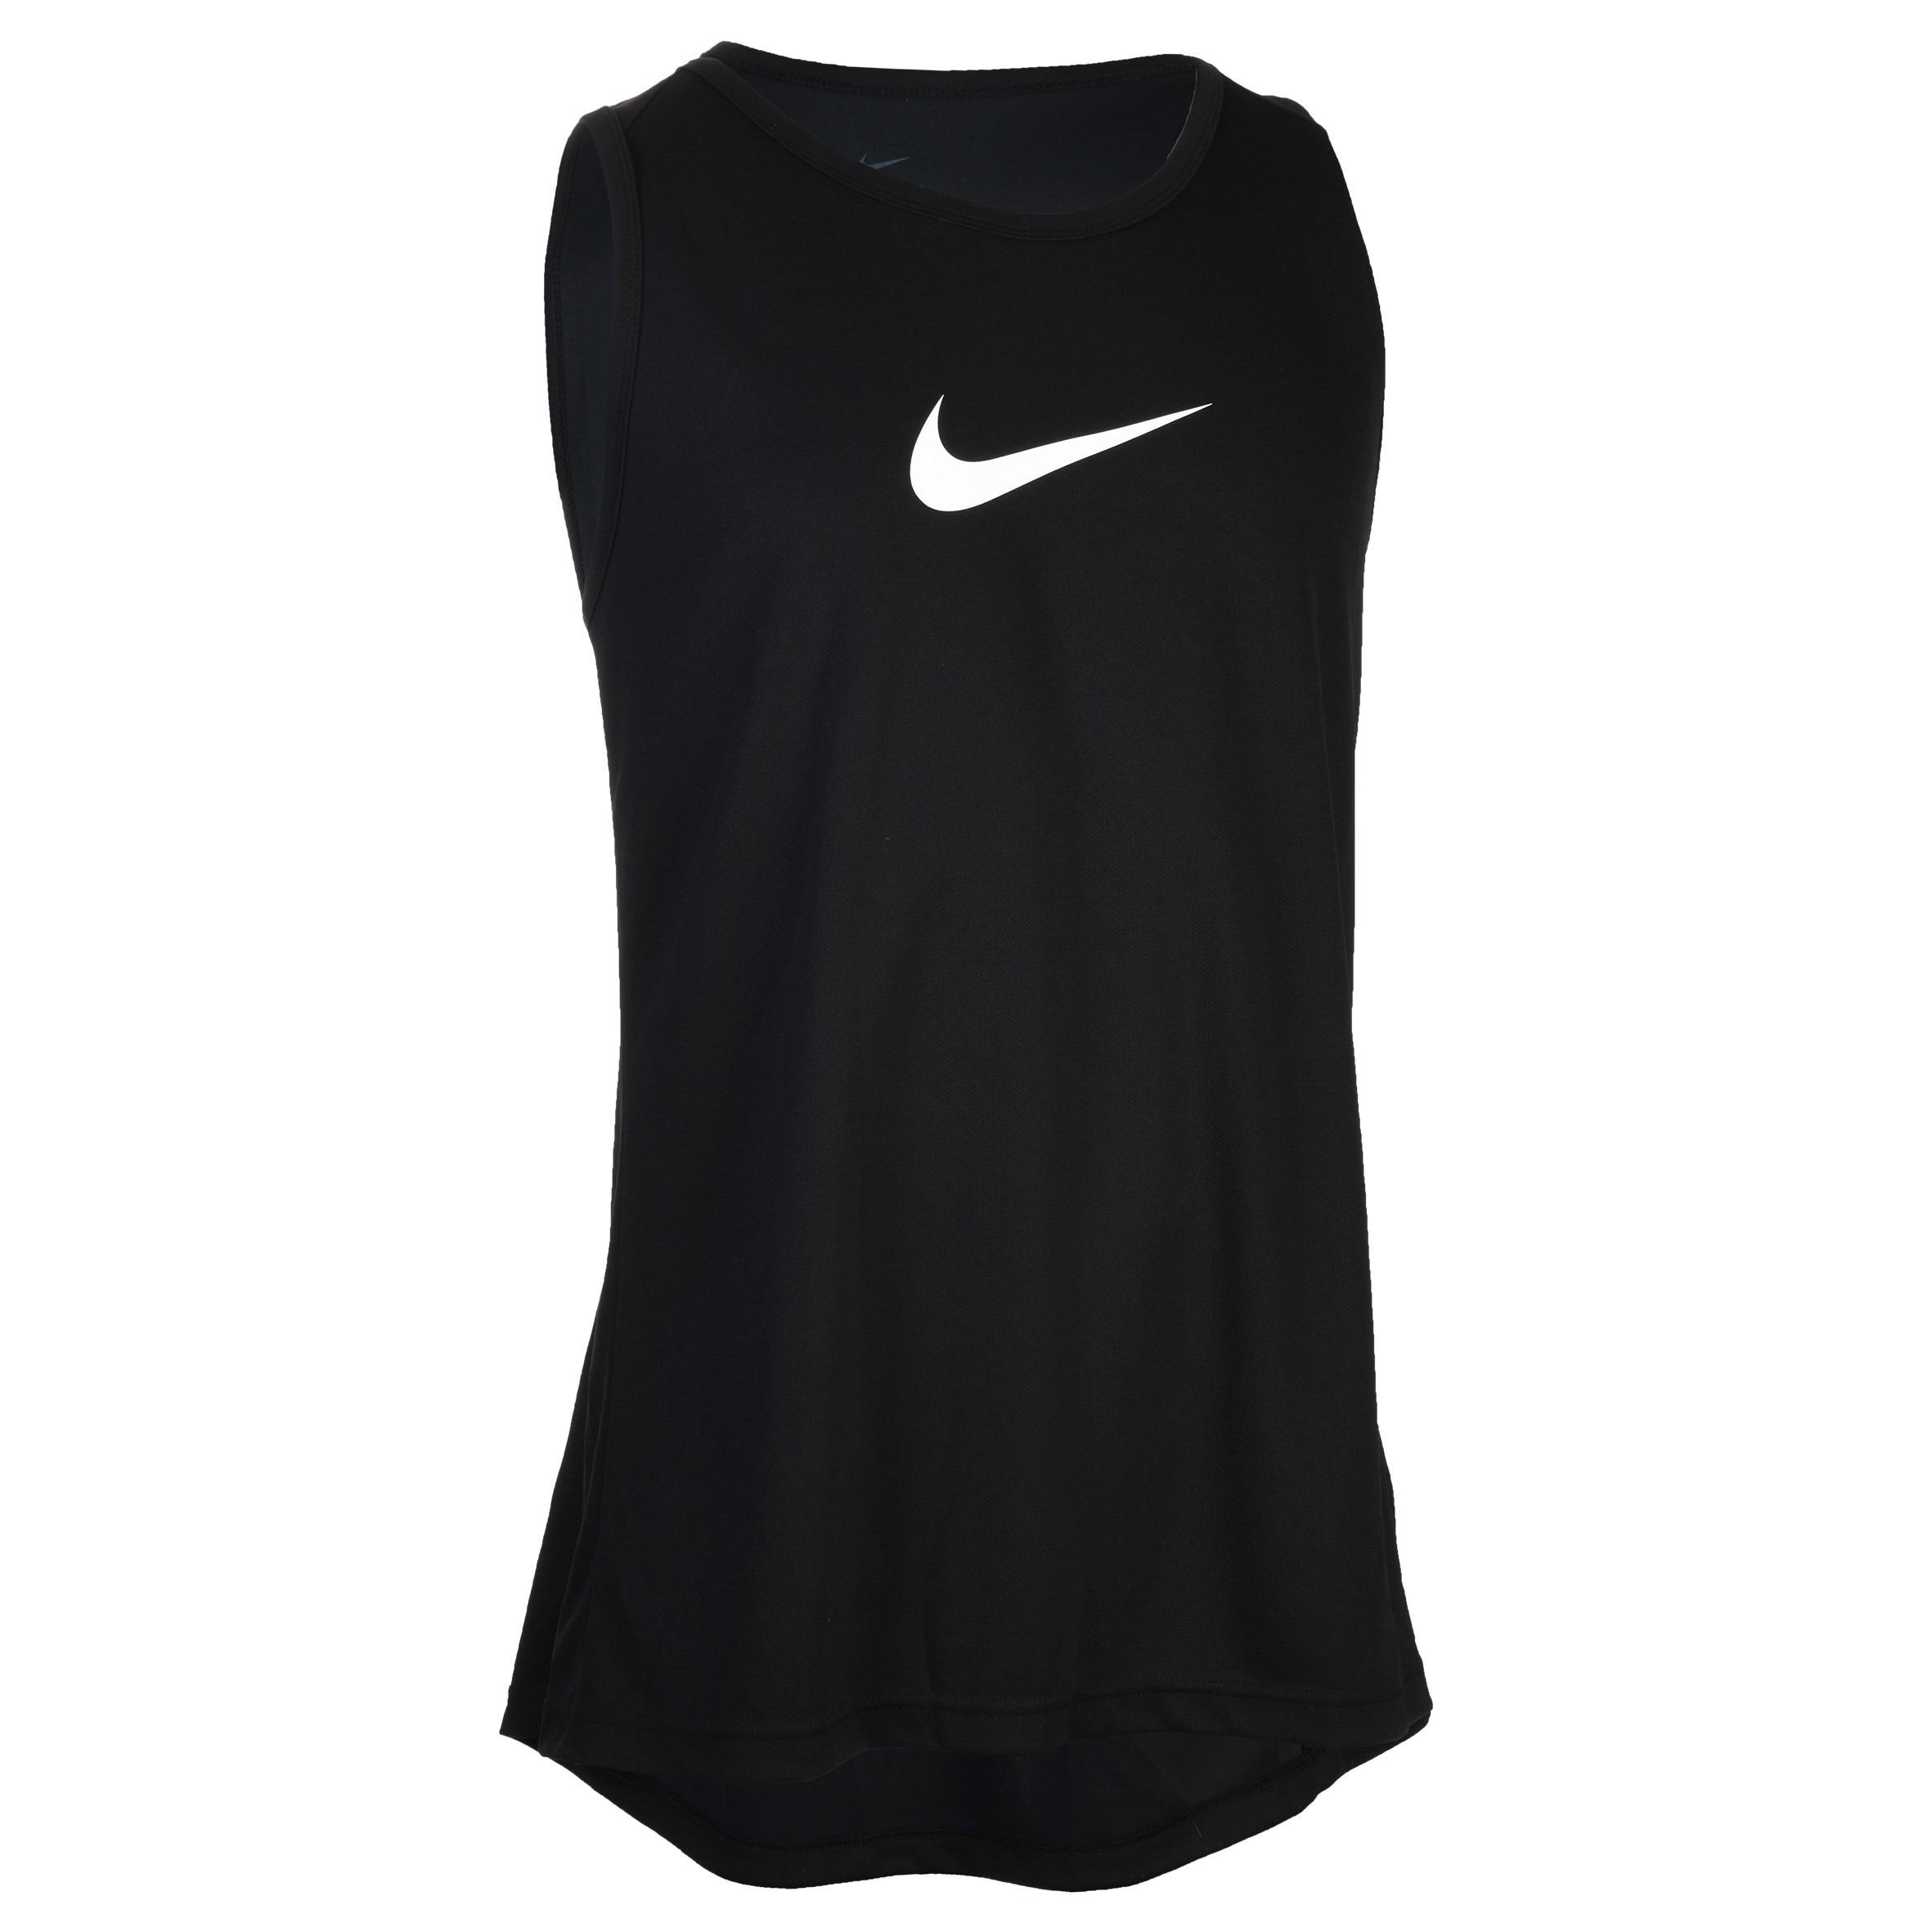 3c6438b5e9 CAMISETA NIKE TOP CROSS OVER NEGRO Nike